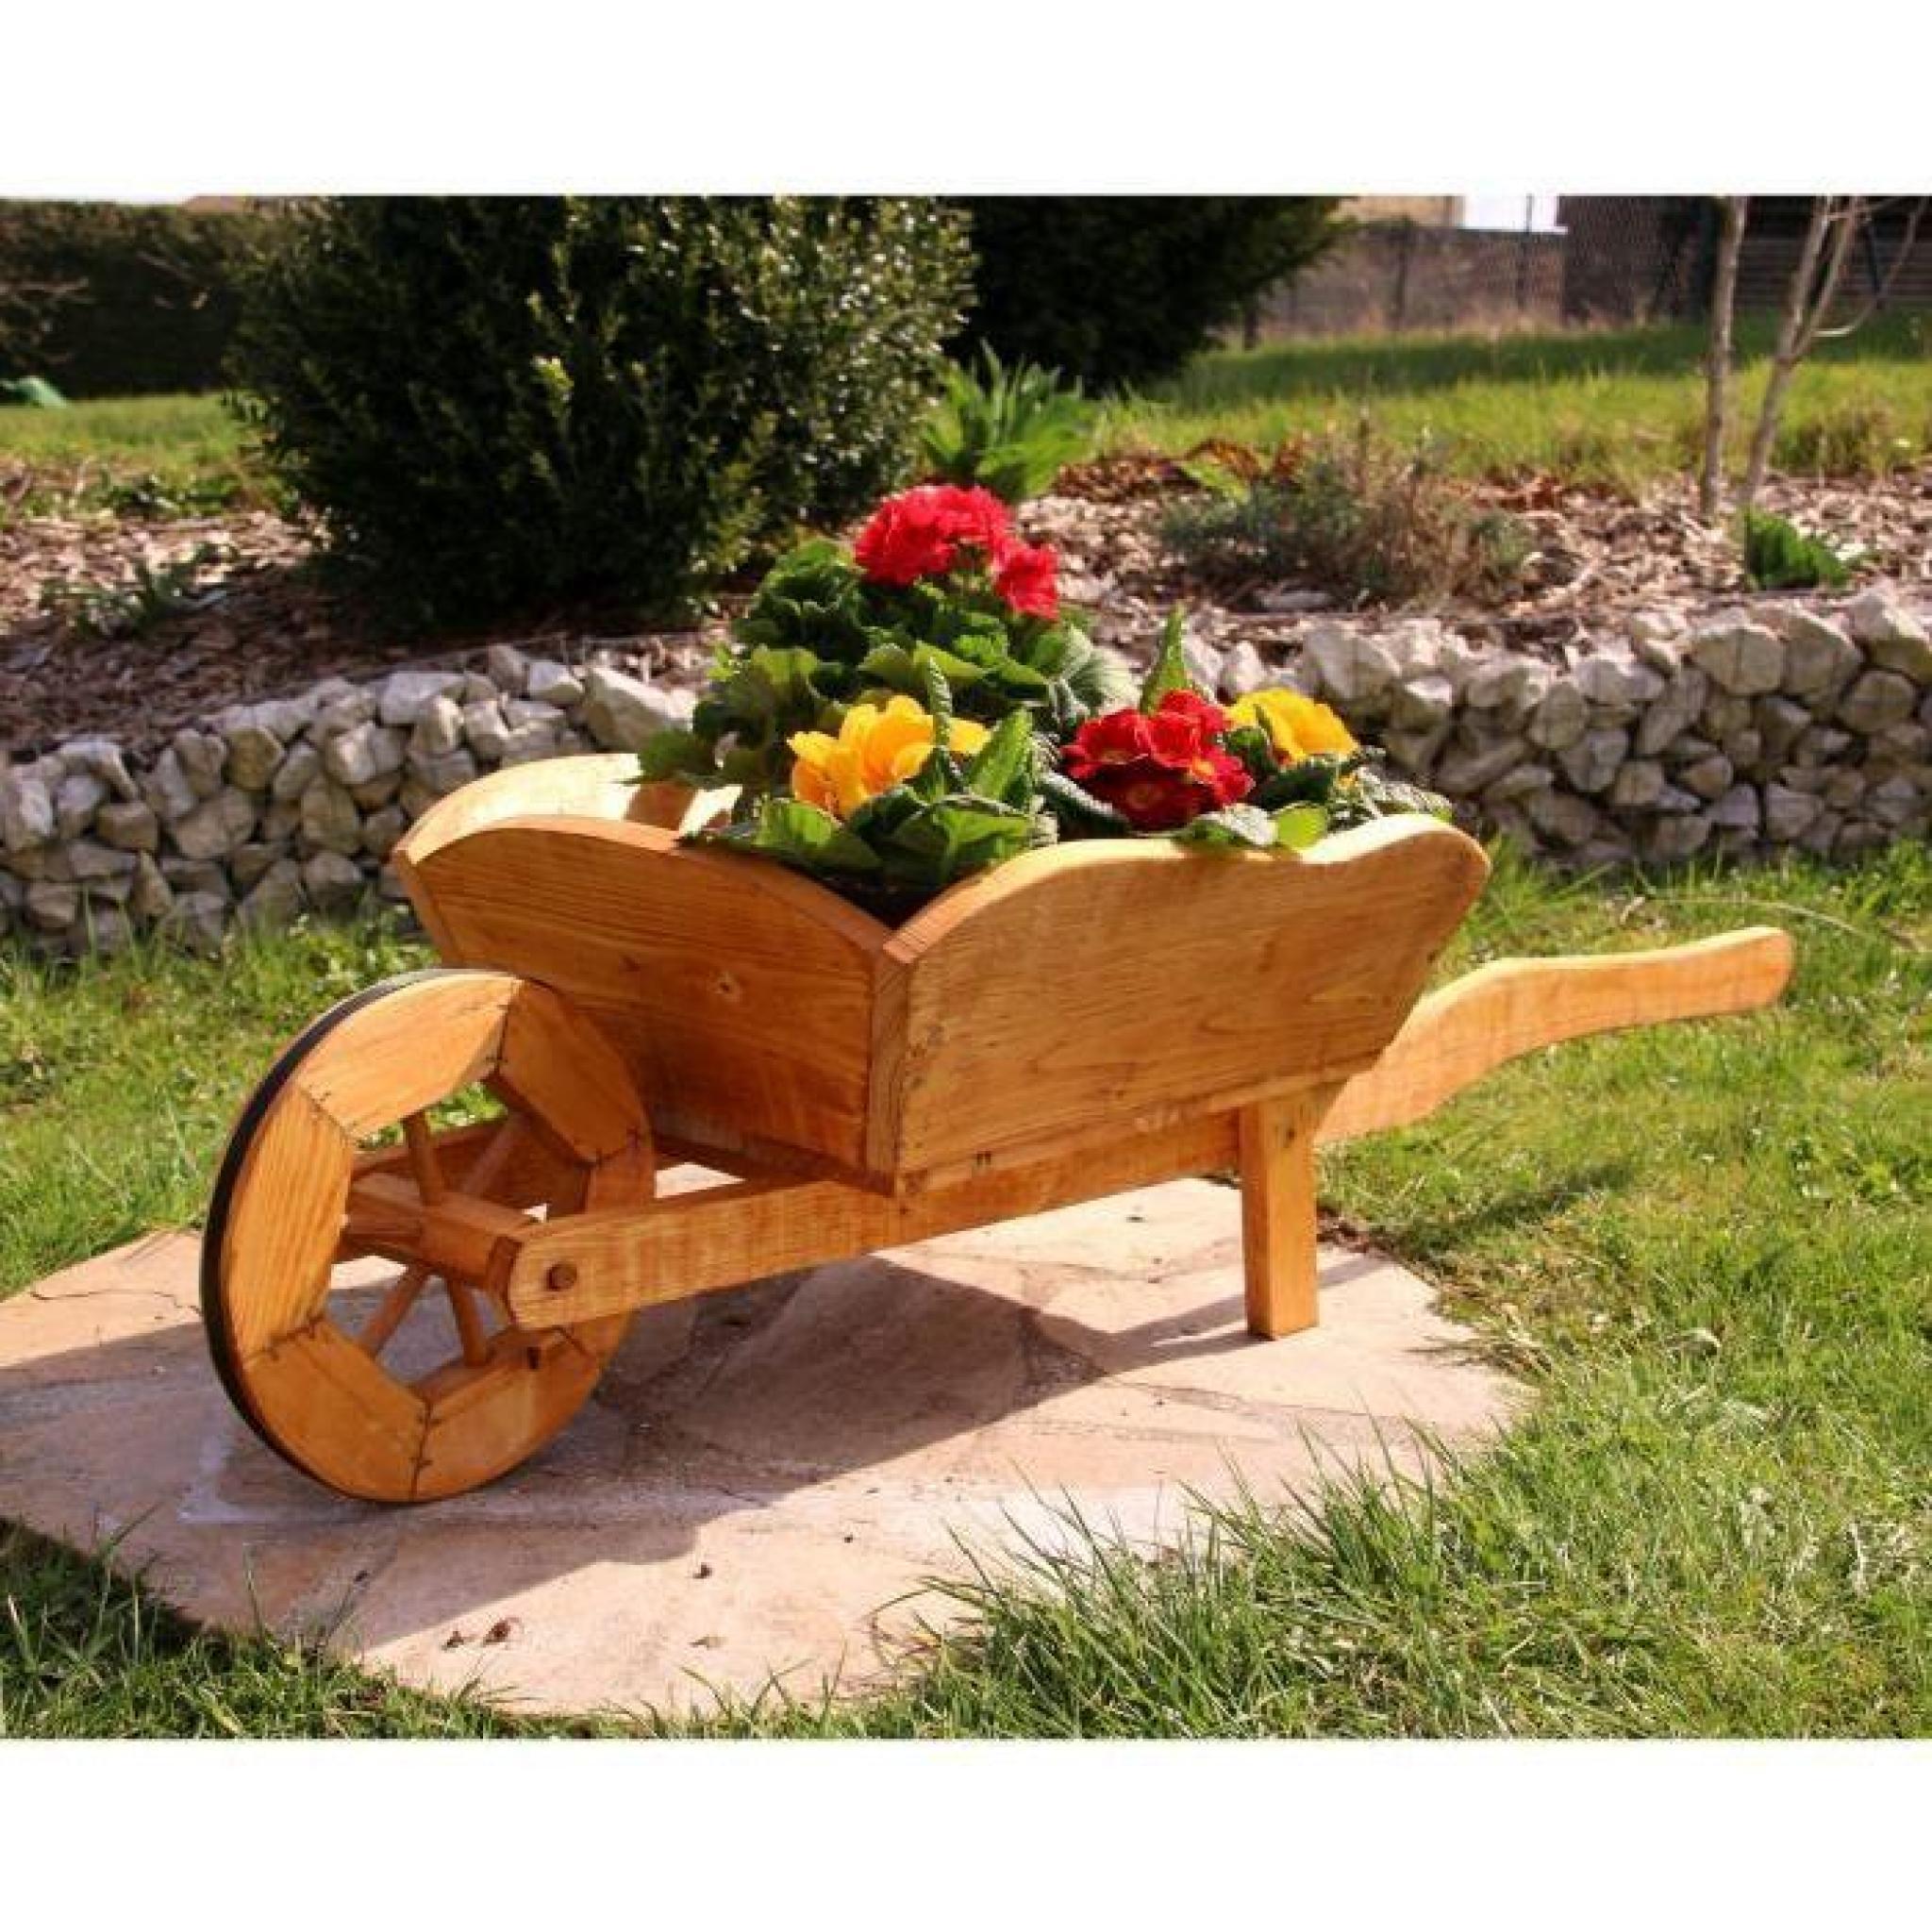 Brouette Fleurs Diable Brouette En Bois Typ 1 Moyen concernant Brouette Deco Jardin